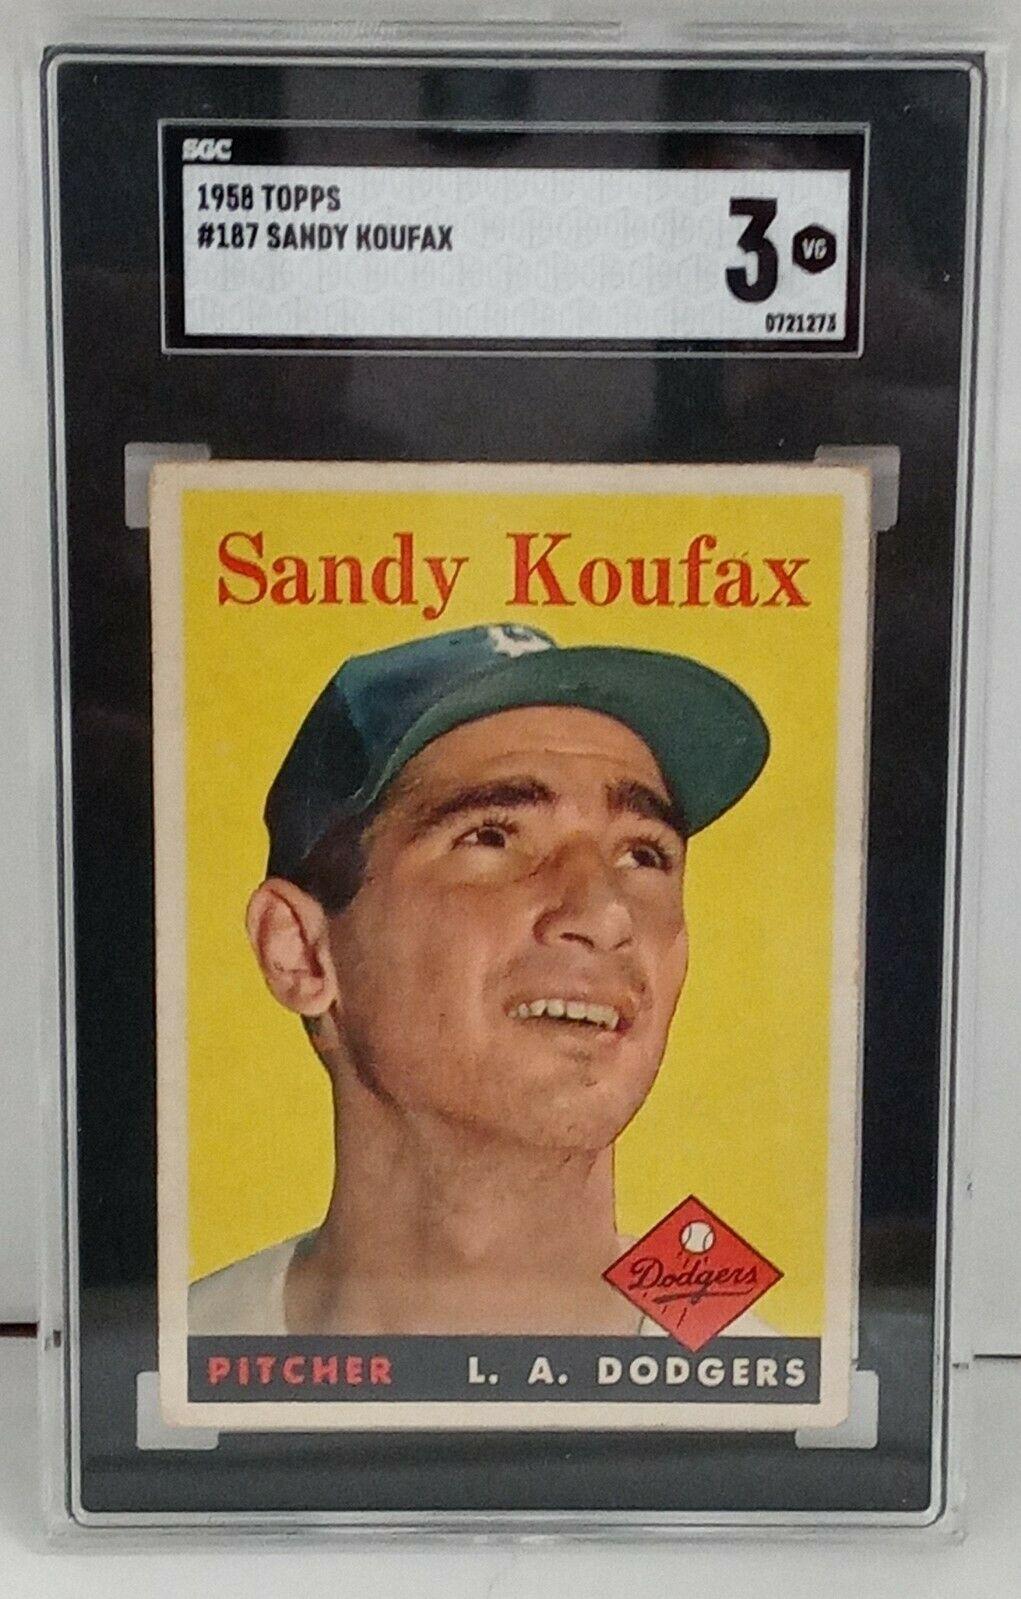 1958 Topps Sandy Koufax #187 SGC 3 Brooklyn Dodgers LA HOF